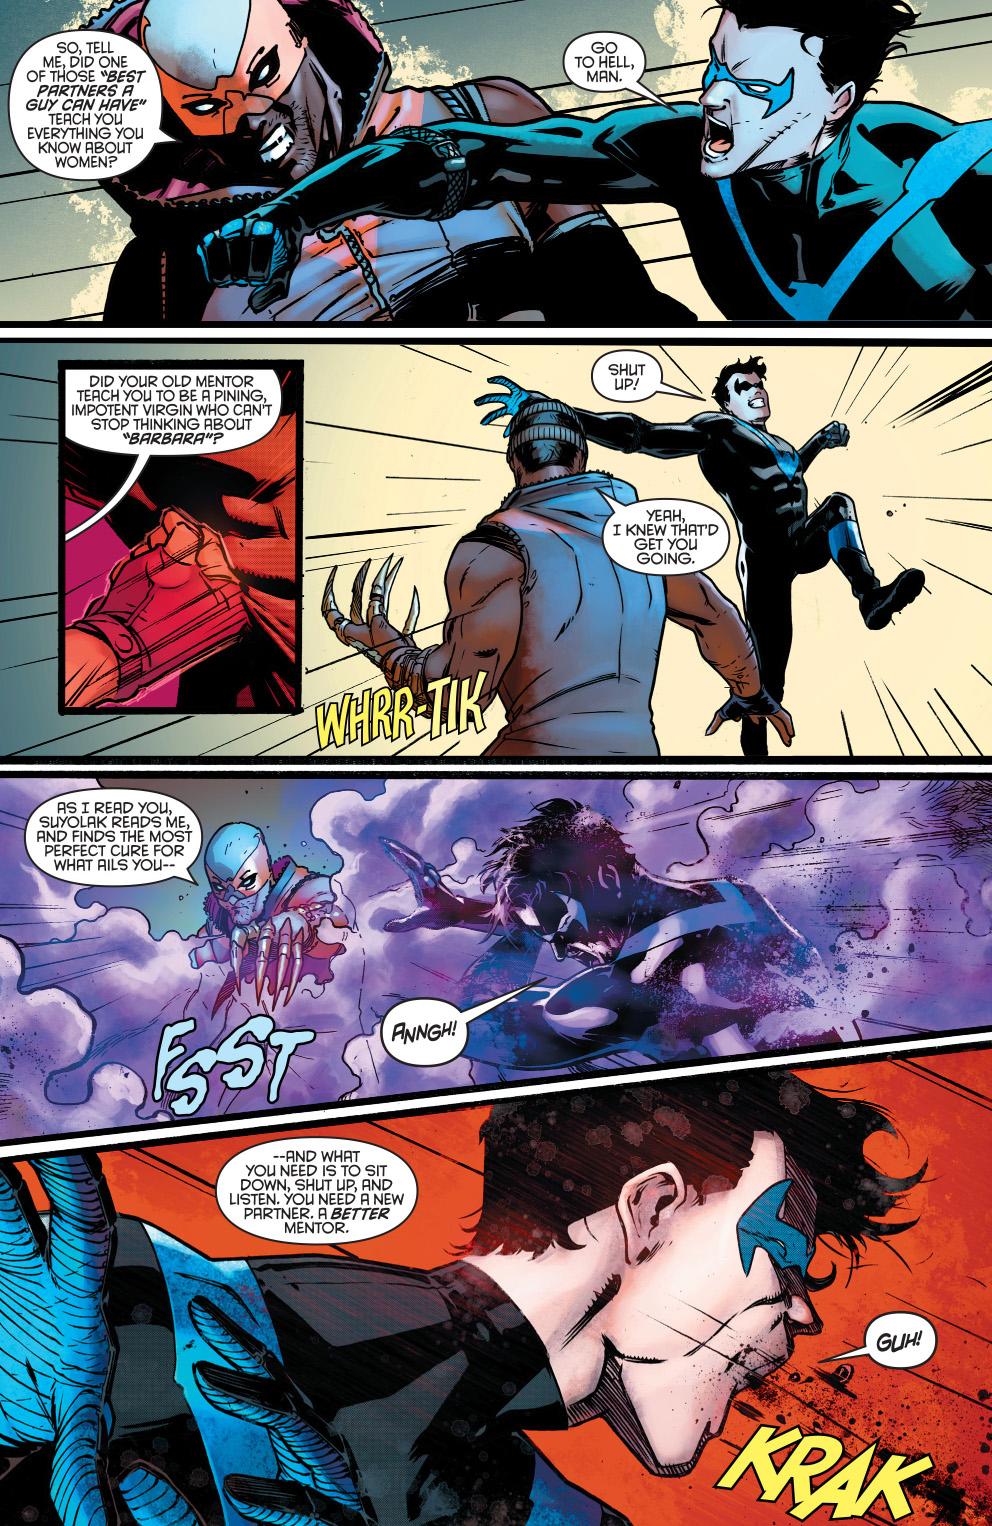 Nightwing Meets Raptor